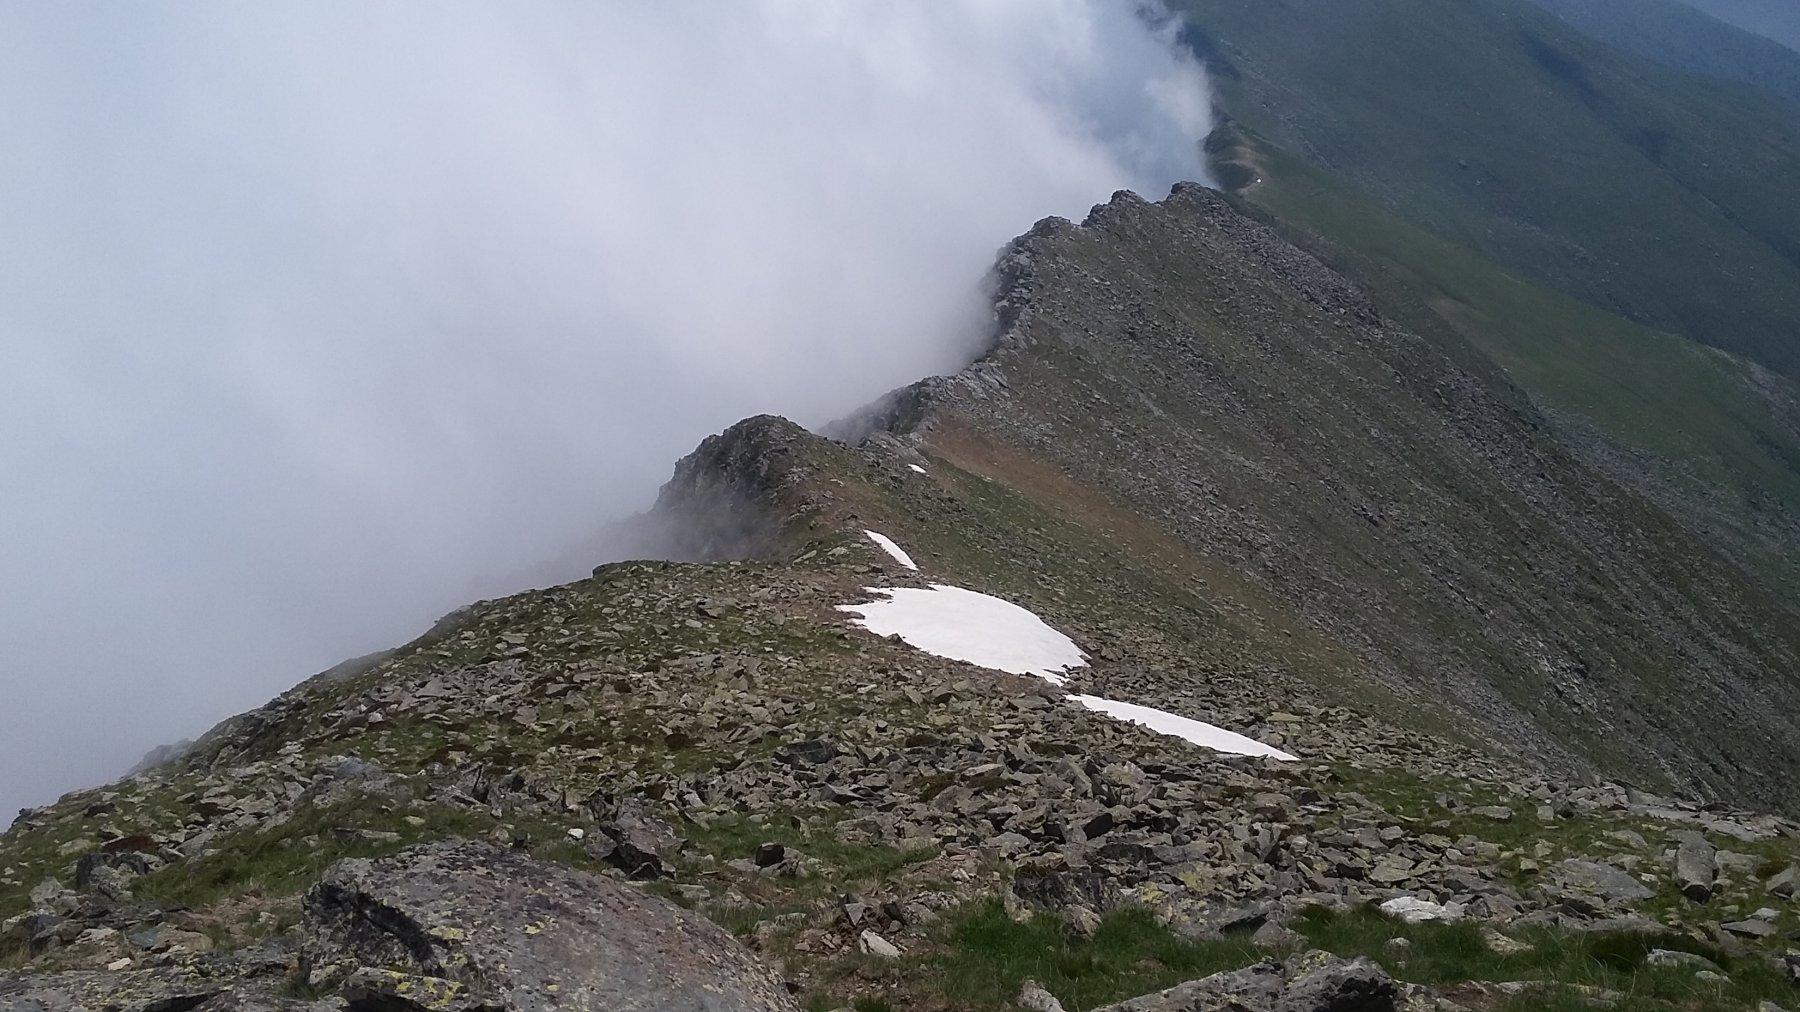 la cresta resiste alla nebbia